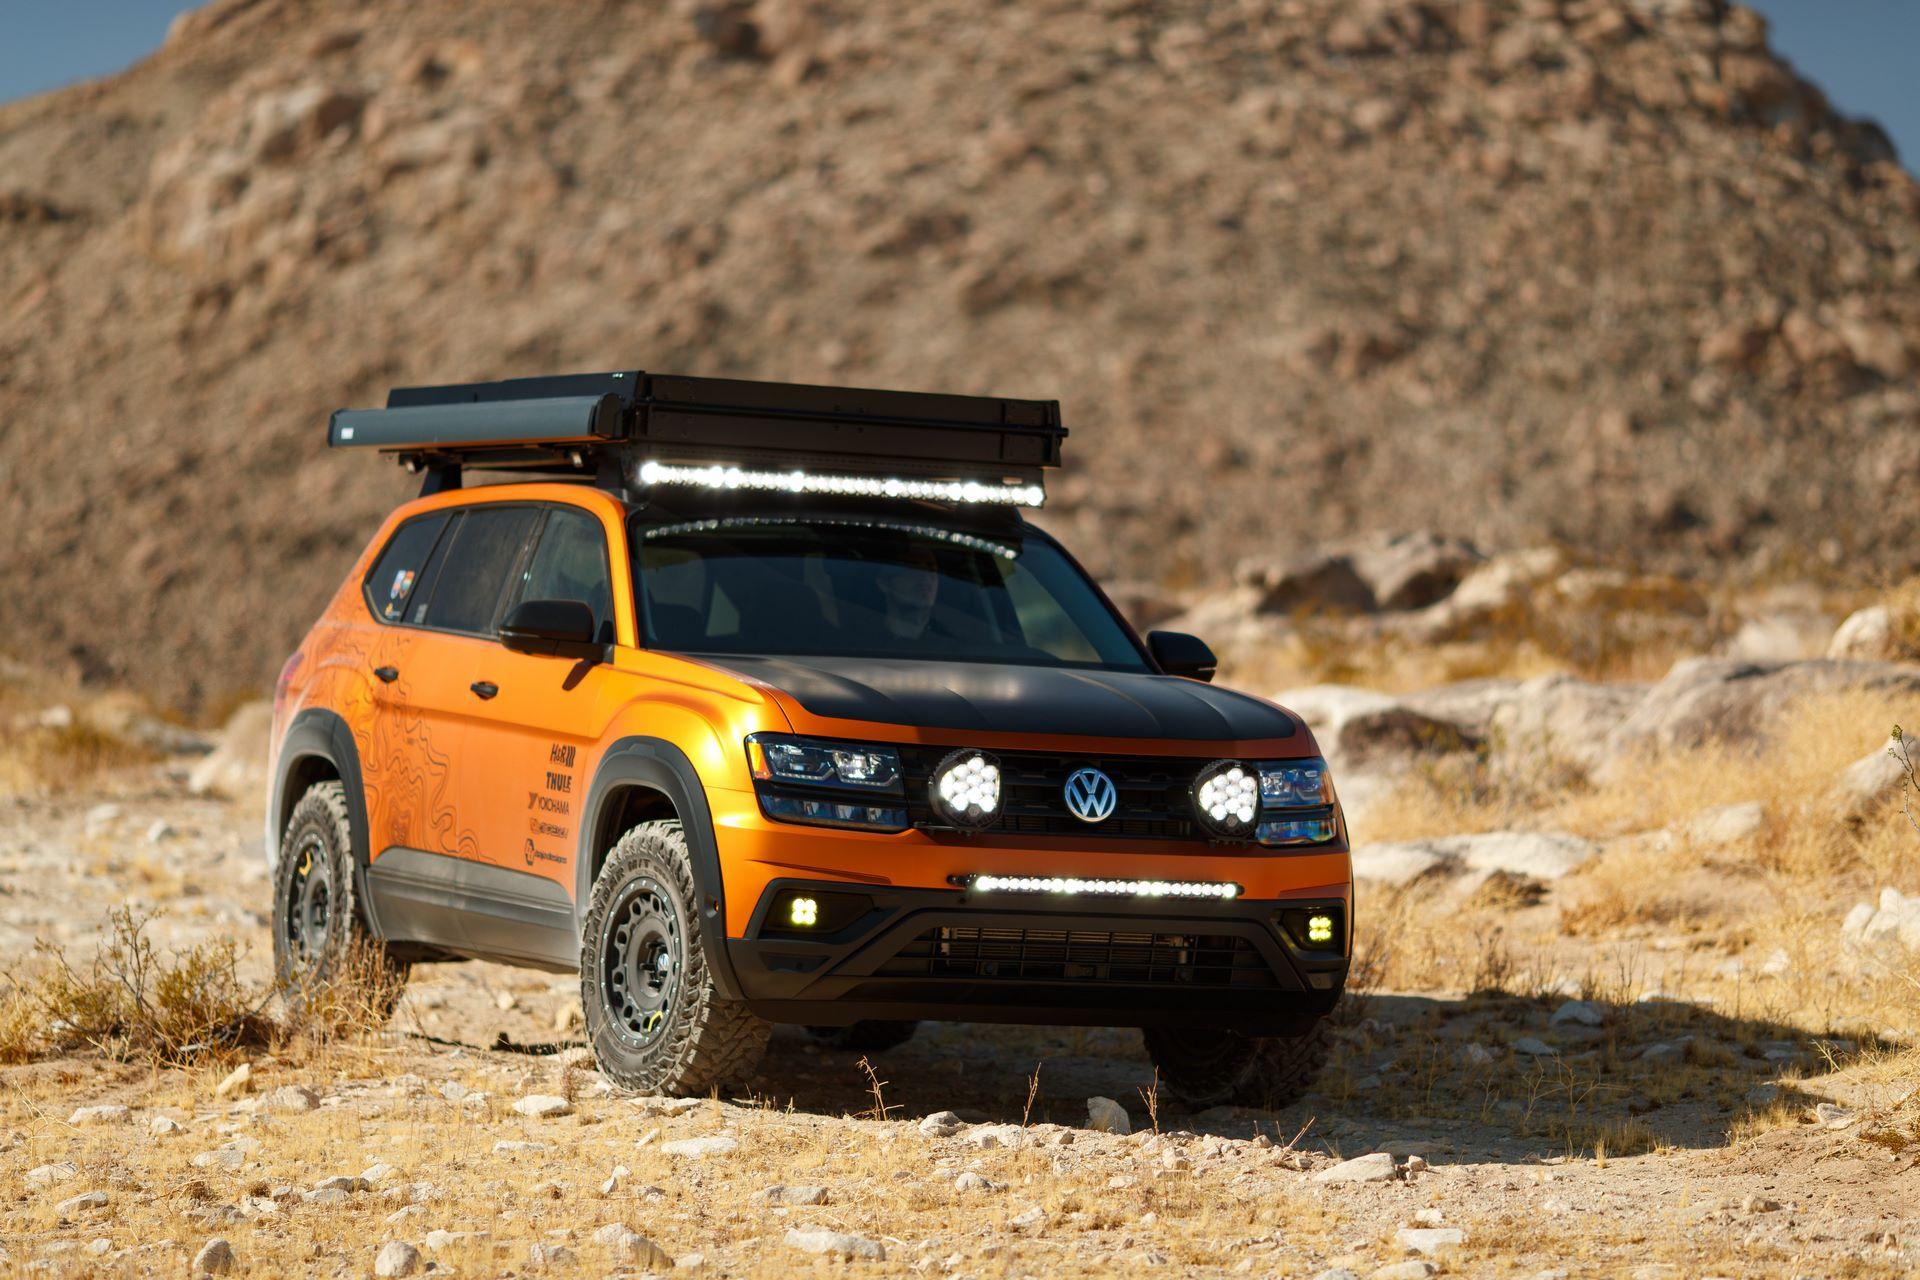 Volkswagen_Atlas_Adventure_Concept-10458